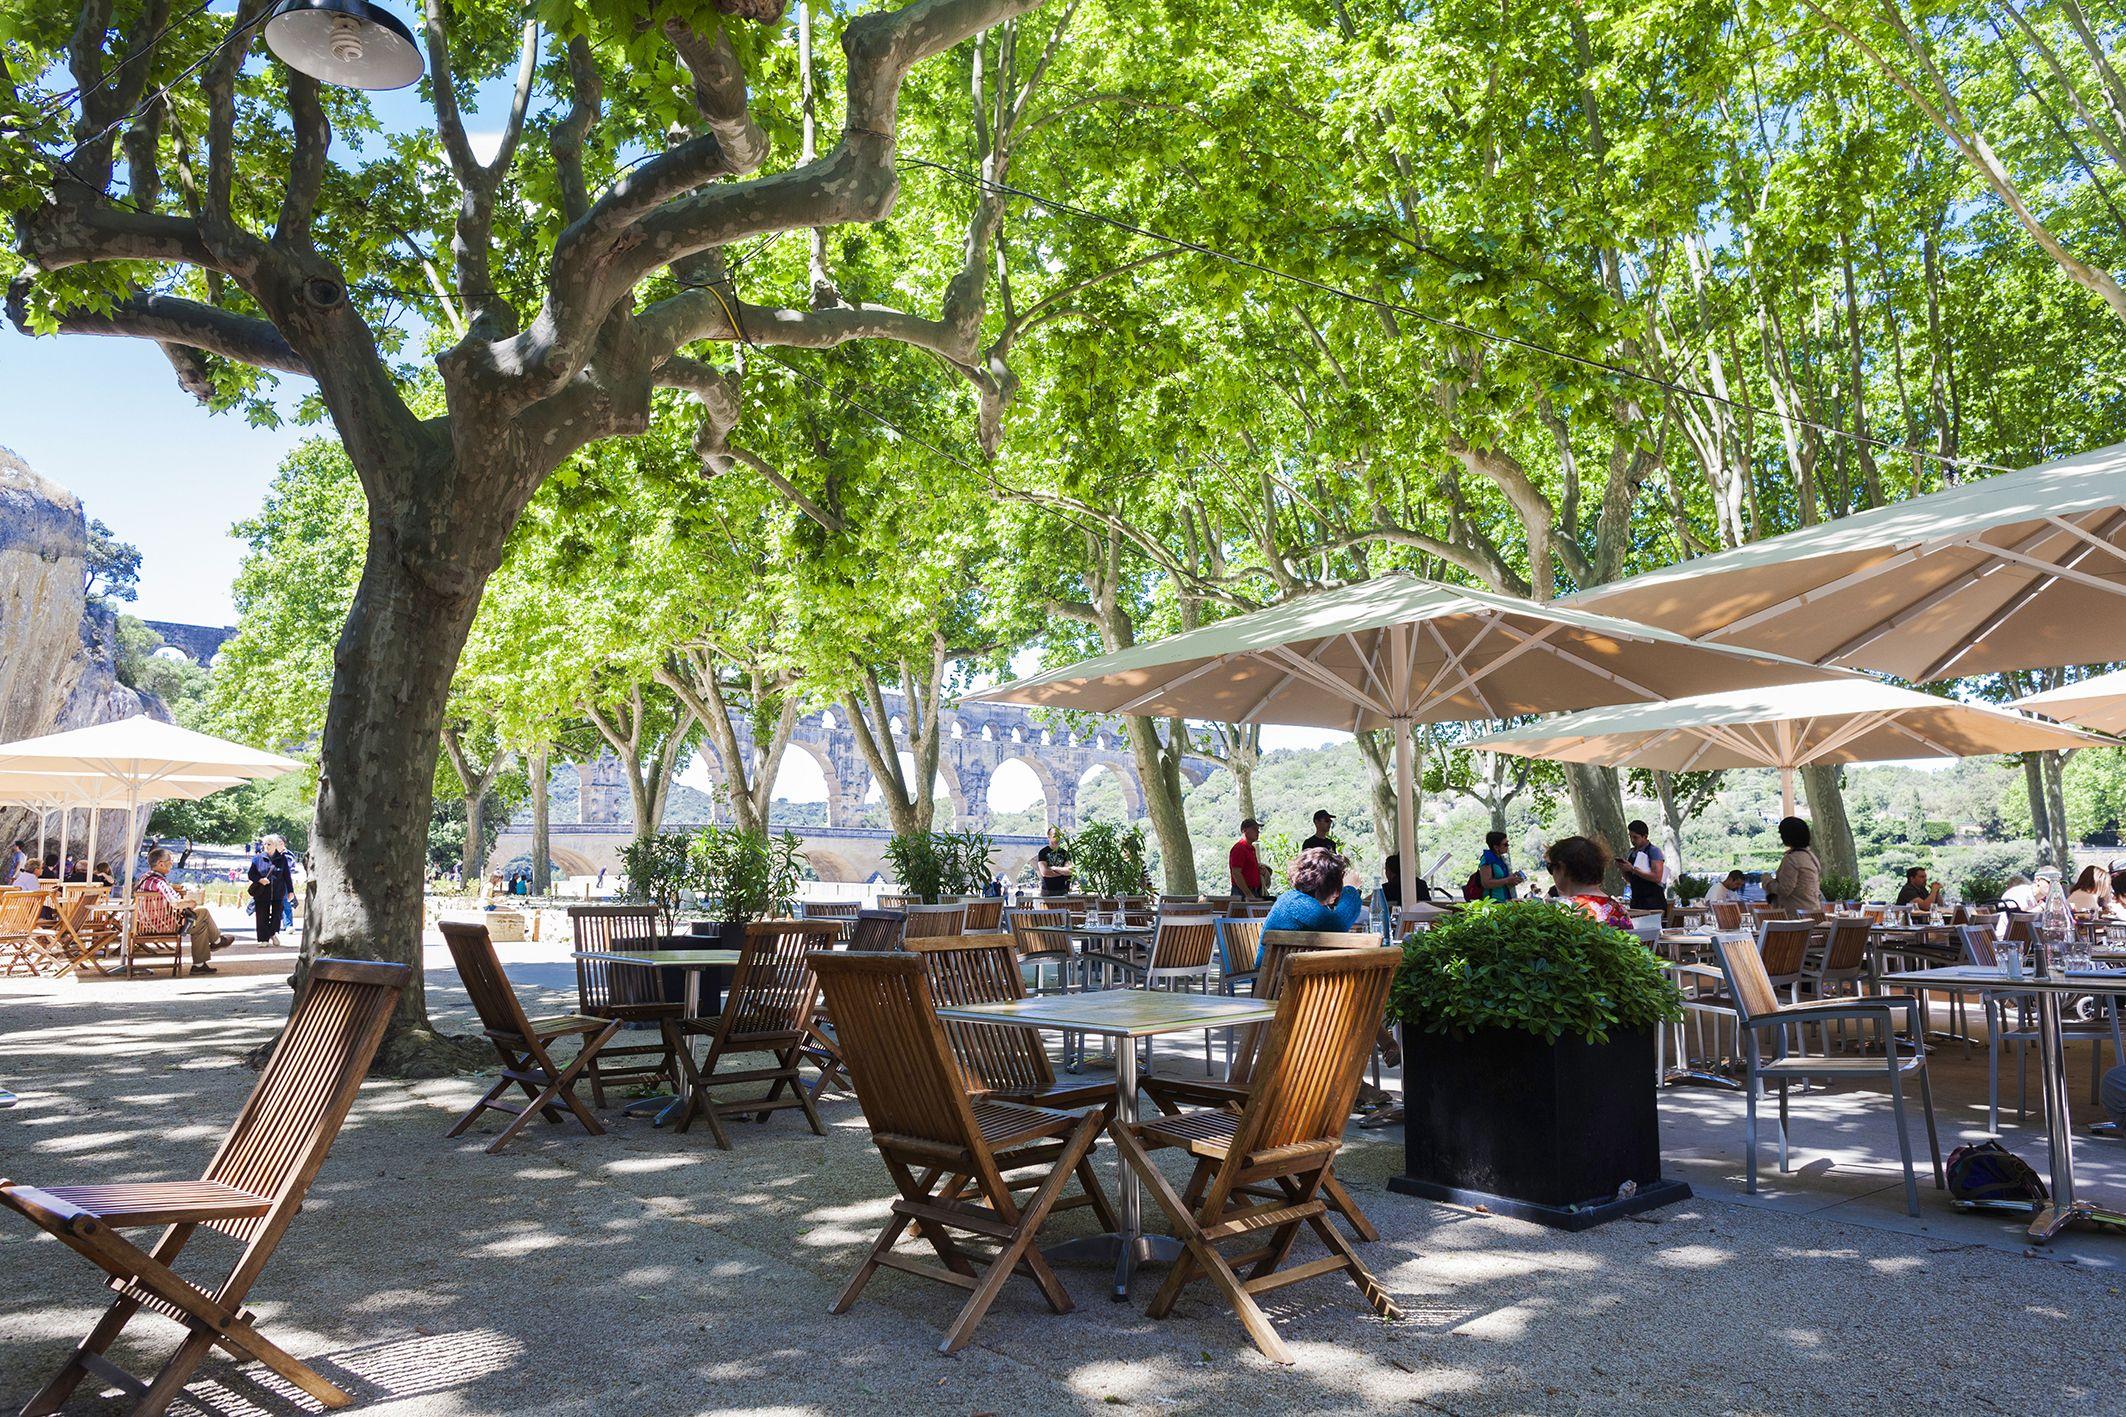 Le Restaurant Les Terrasses Du Pont Du Gard Propose Une Cuisine Savoureuse Inspiree Des Tendances Mediterraneennes Photo A Outdoor Decor Patio Restaurant